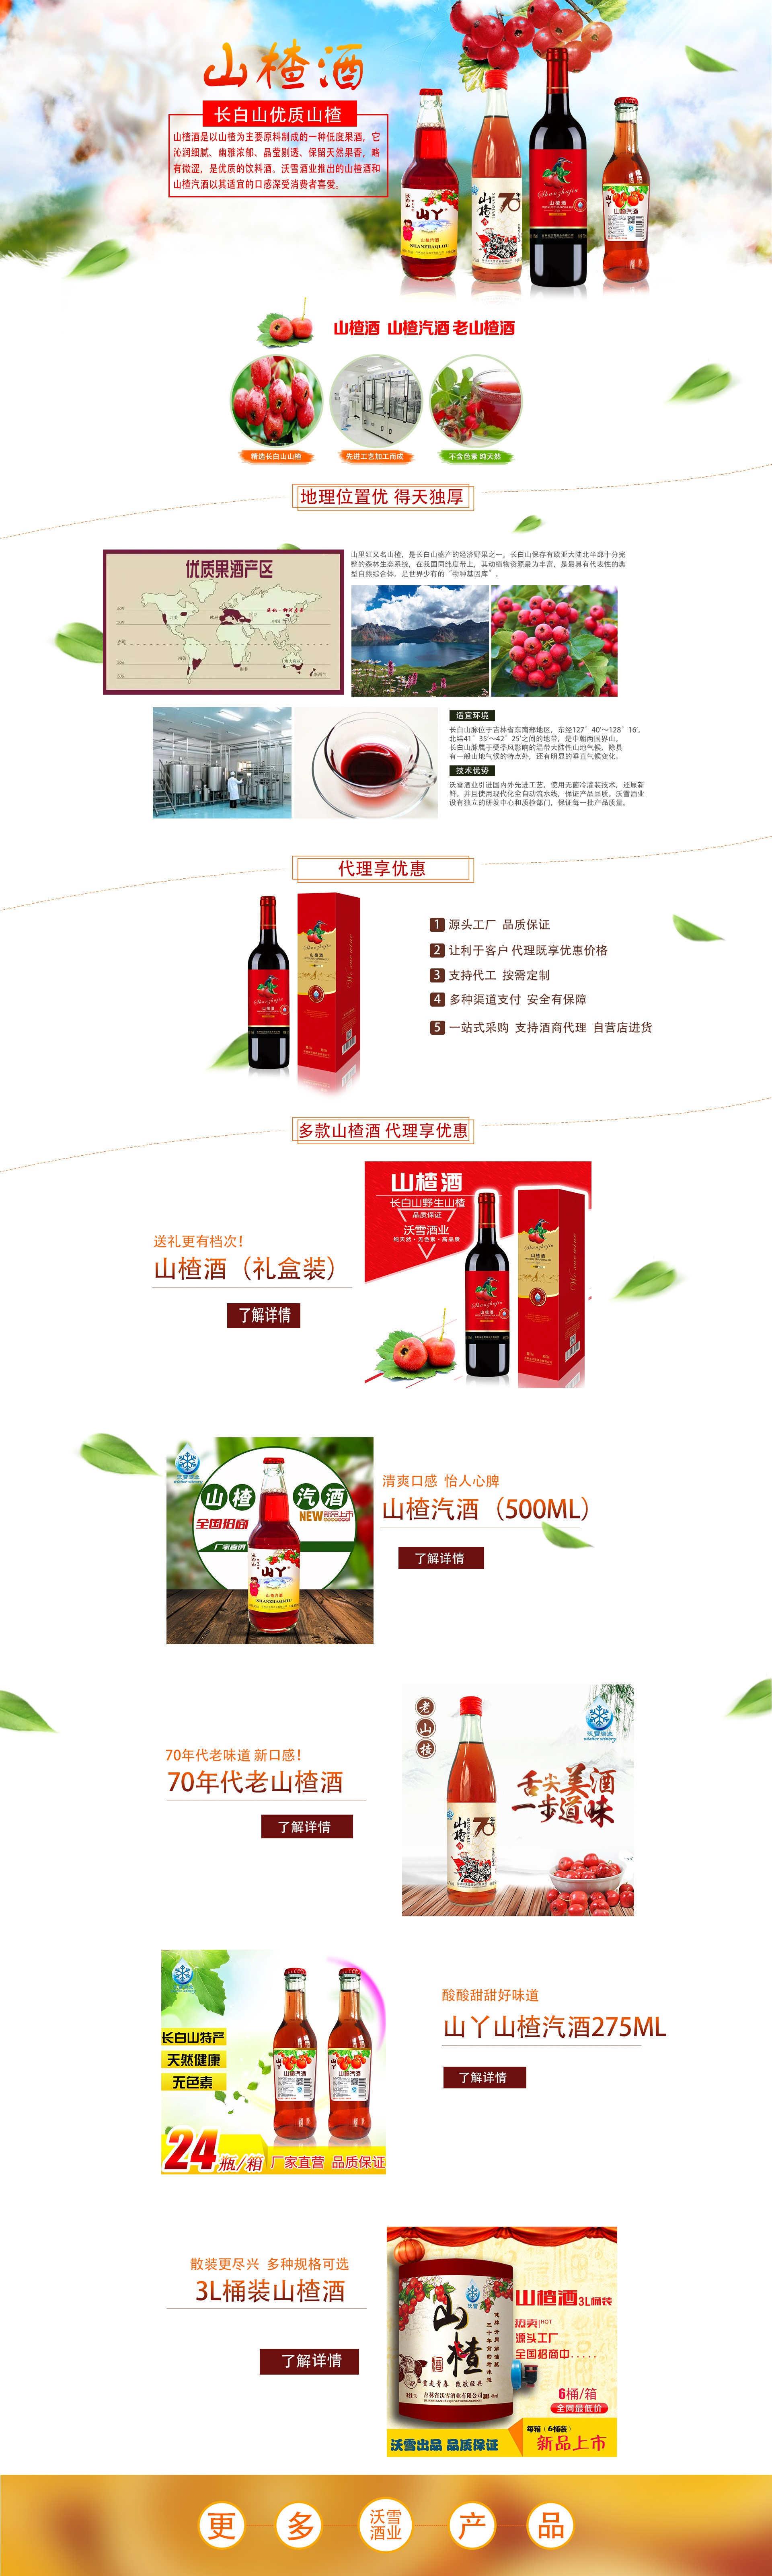 山楂酒代理,选沃雪,散装山楂酒品质更佳,沃雪酒业推出的山楂酒和山楂汽酒以其适宜的口感深受消费者喜爱。